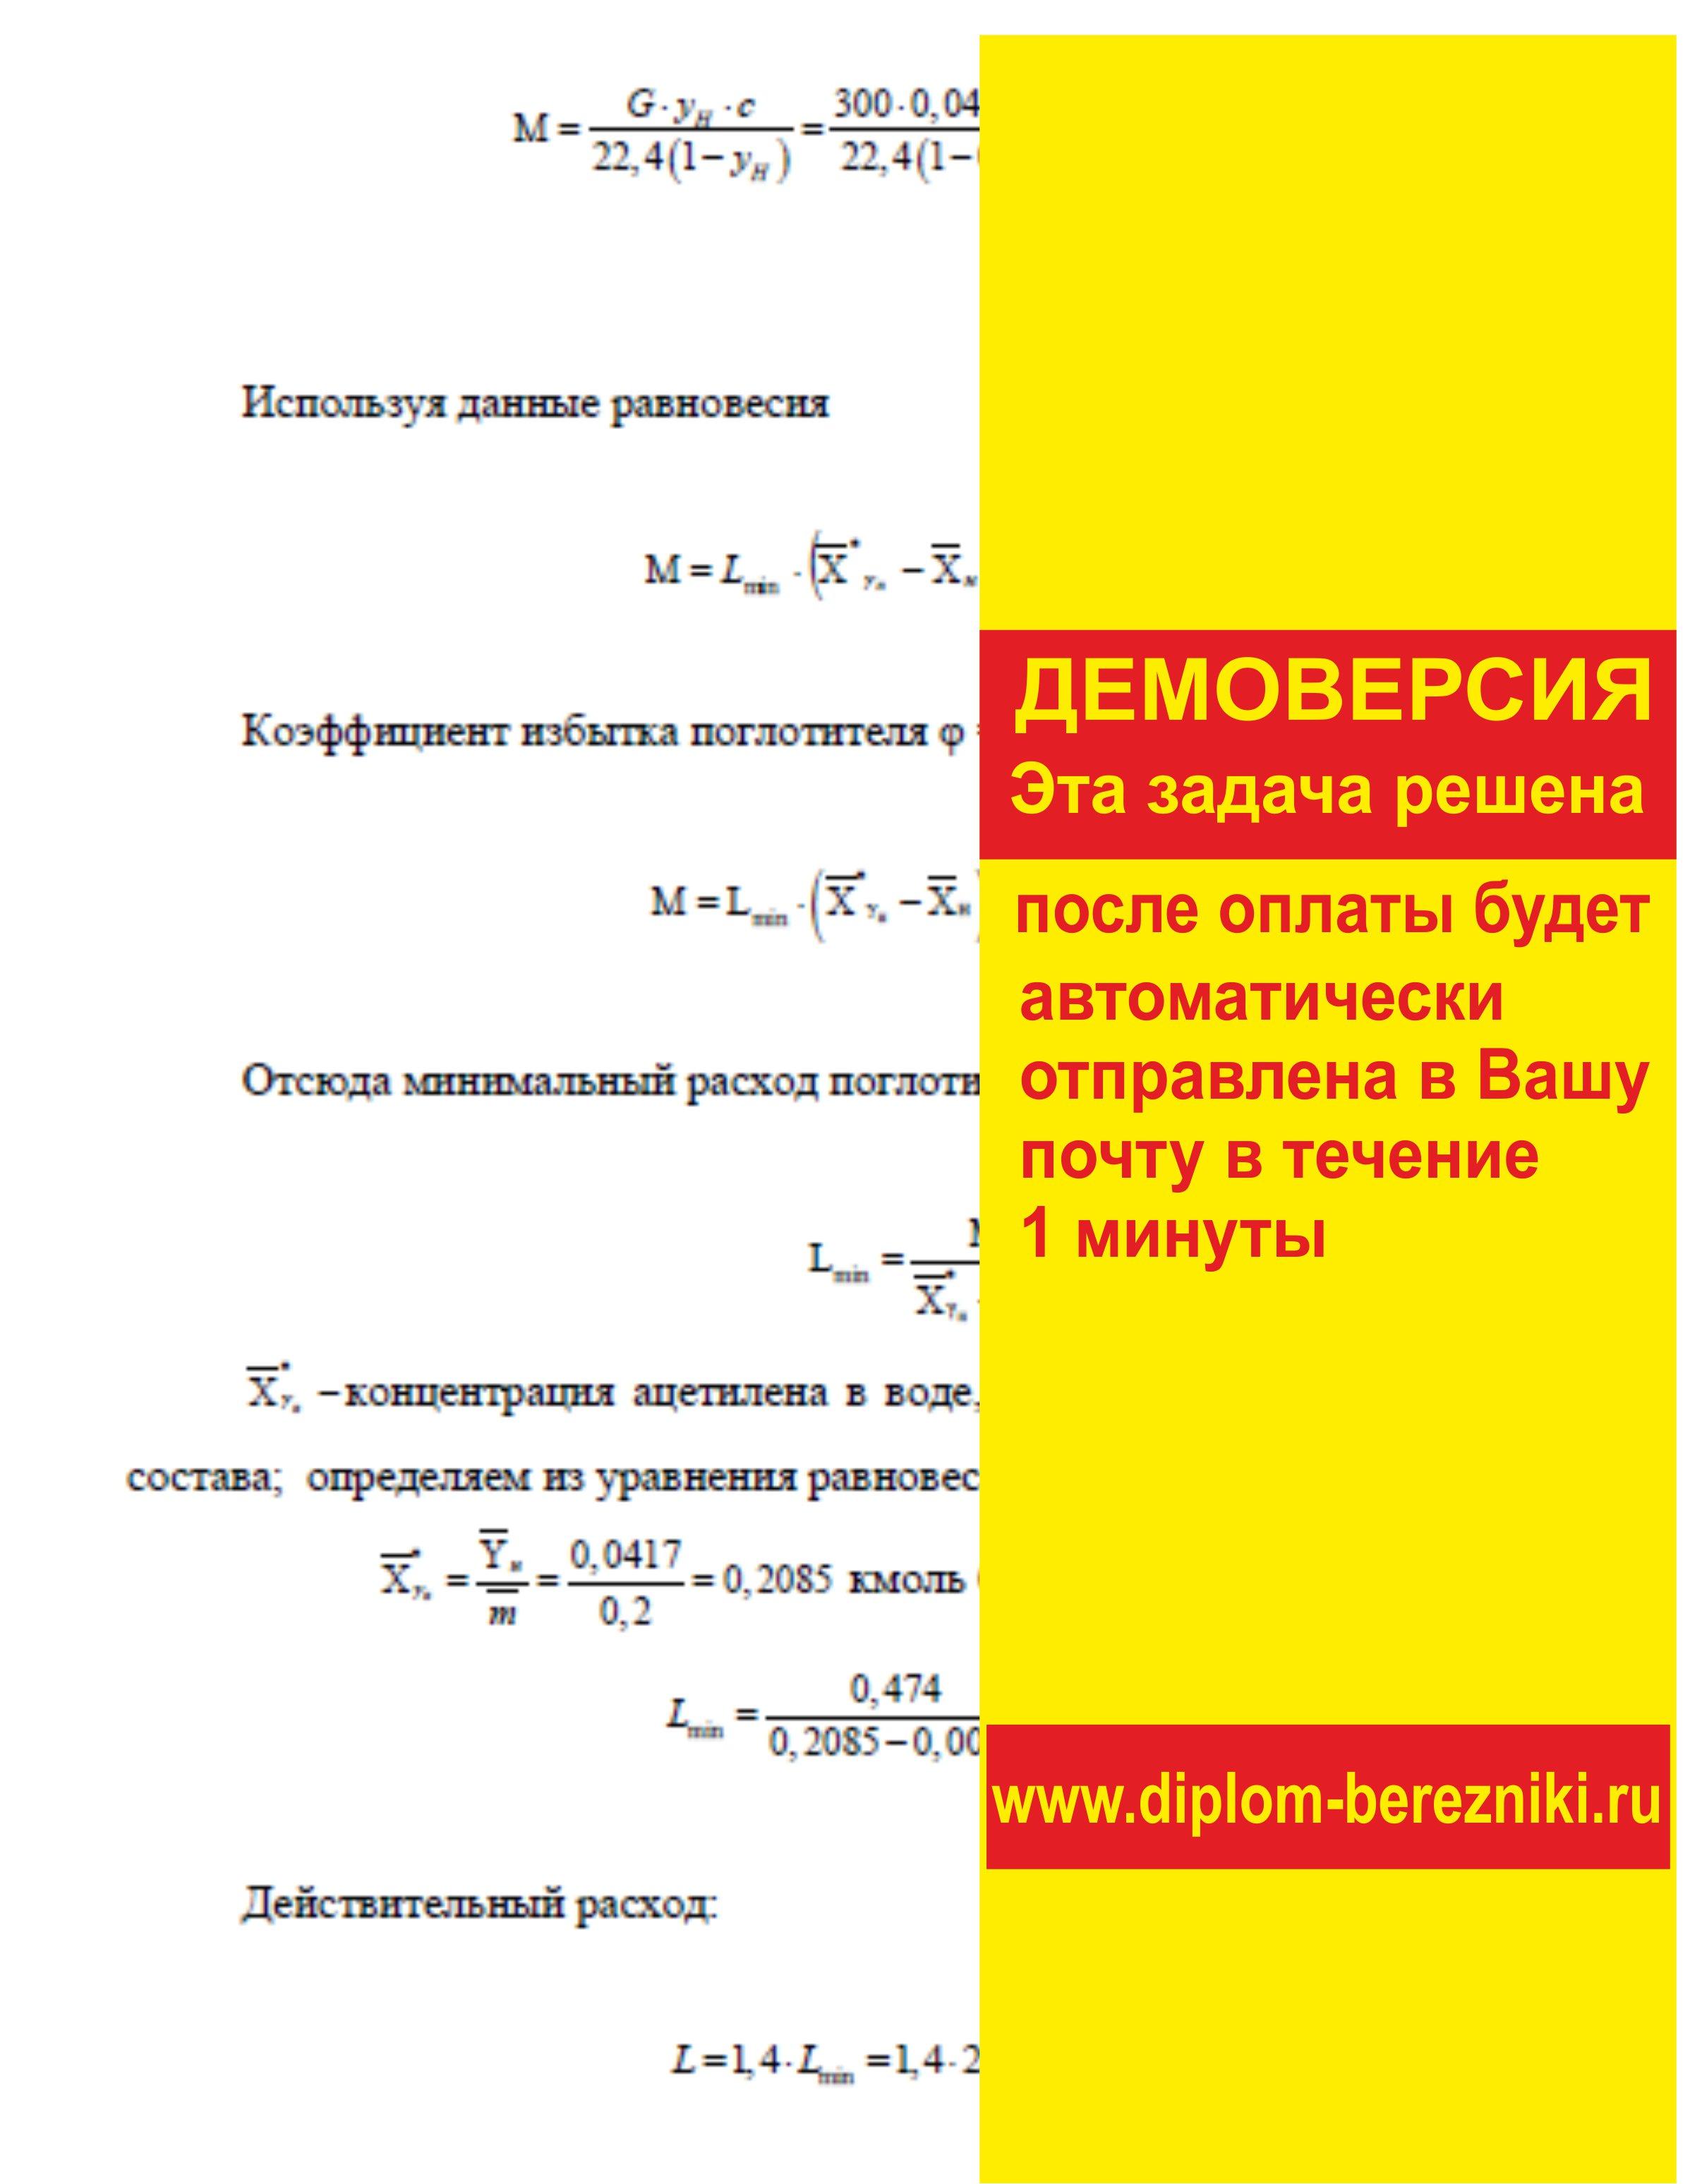 Решение задачи 6.25 по ПАХТ из задачника Павлова Романкова Носкова